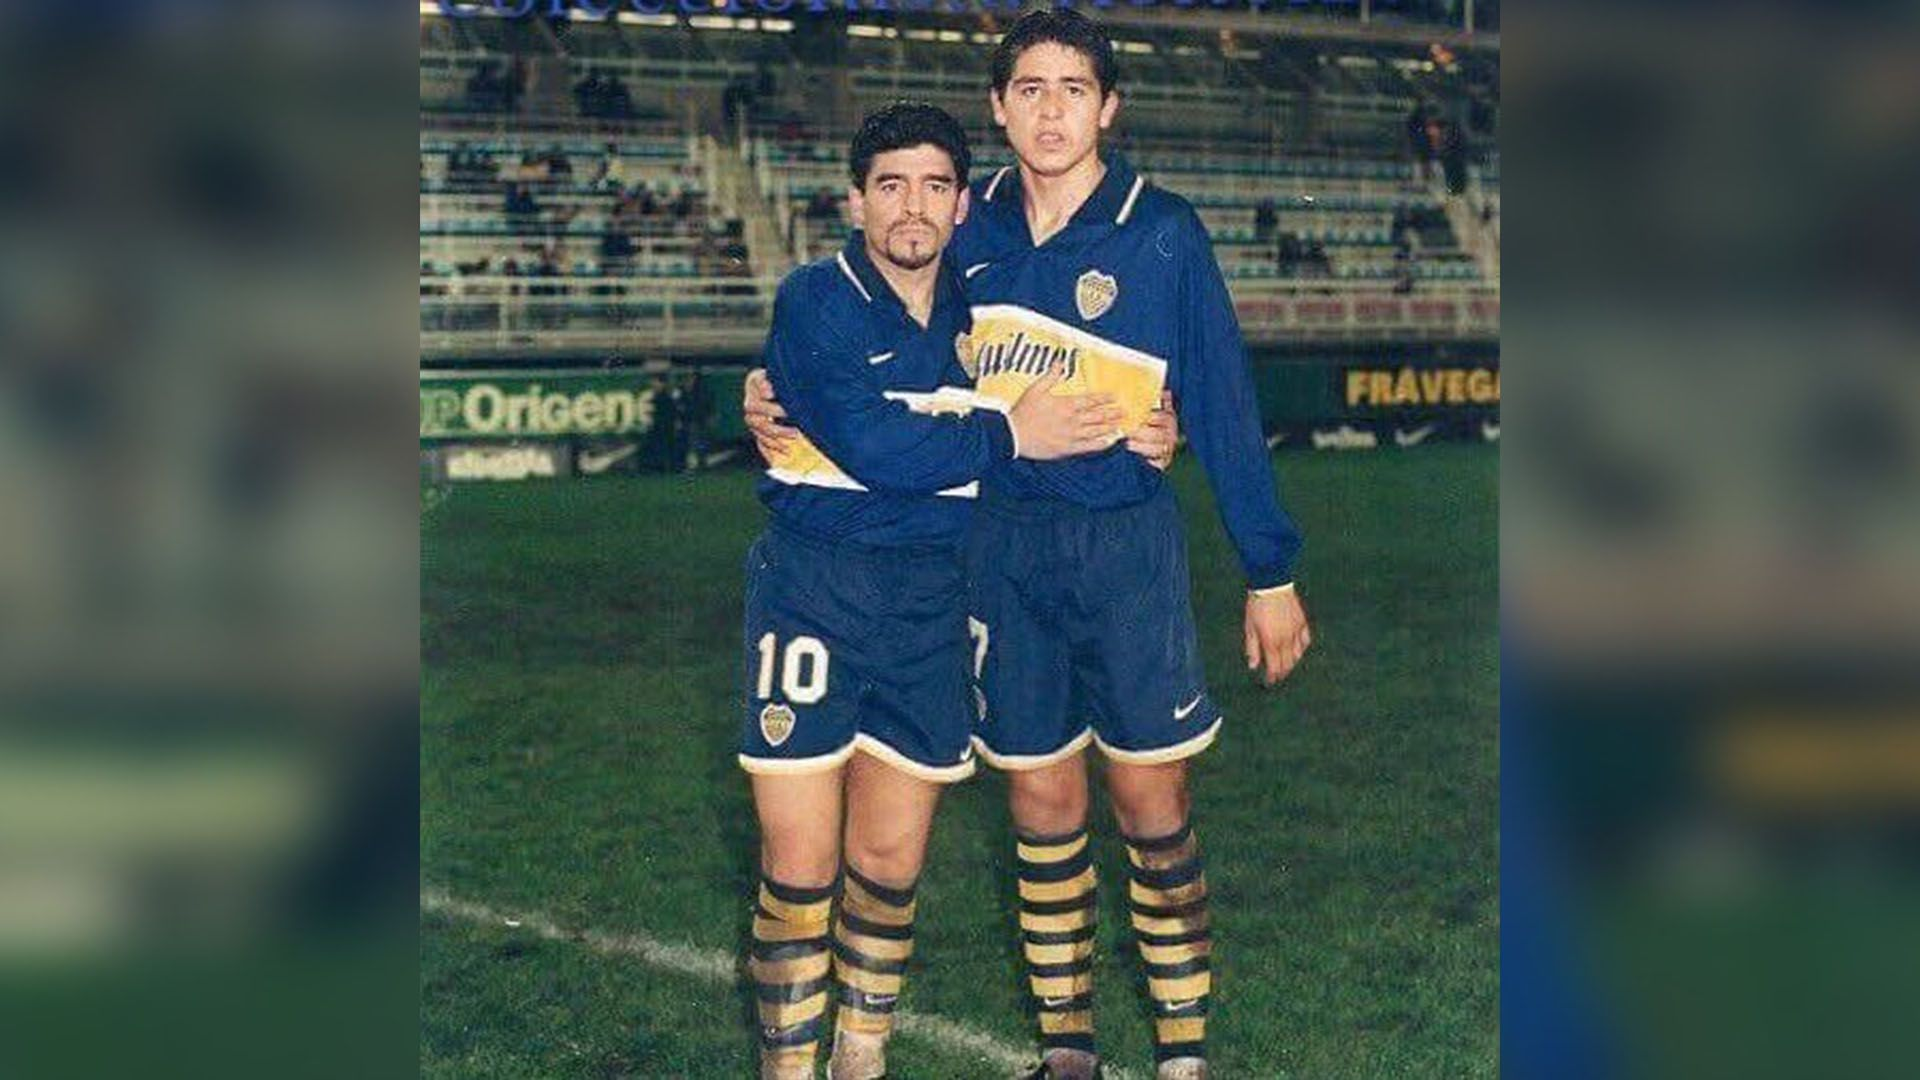 Diego y Riquelme, juntos, con la camiseta de Boca